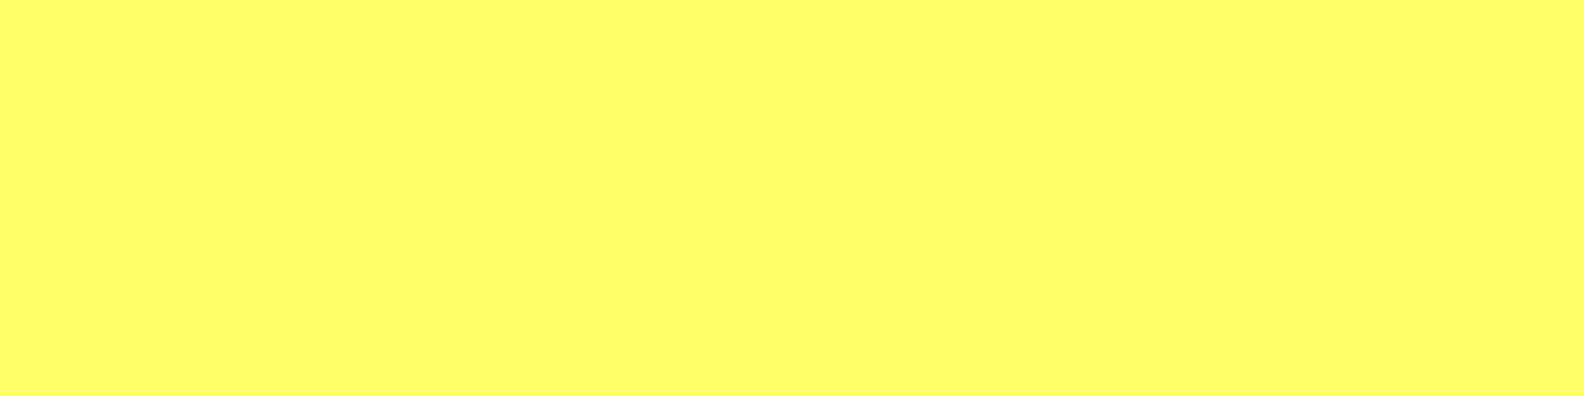 1584x396 Laser Lemon Solid Color Background